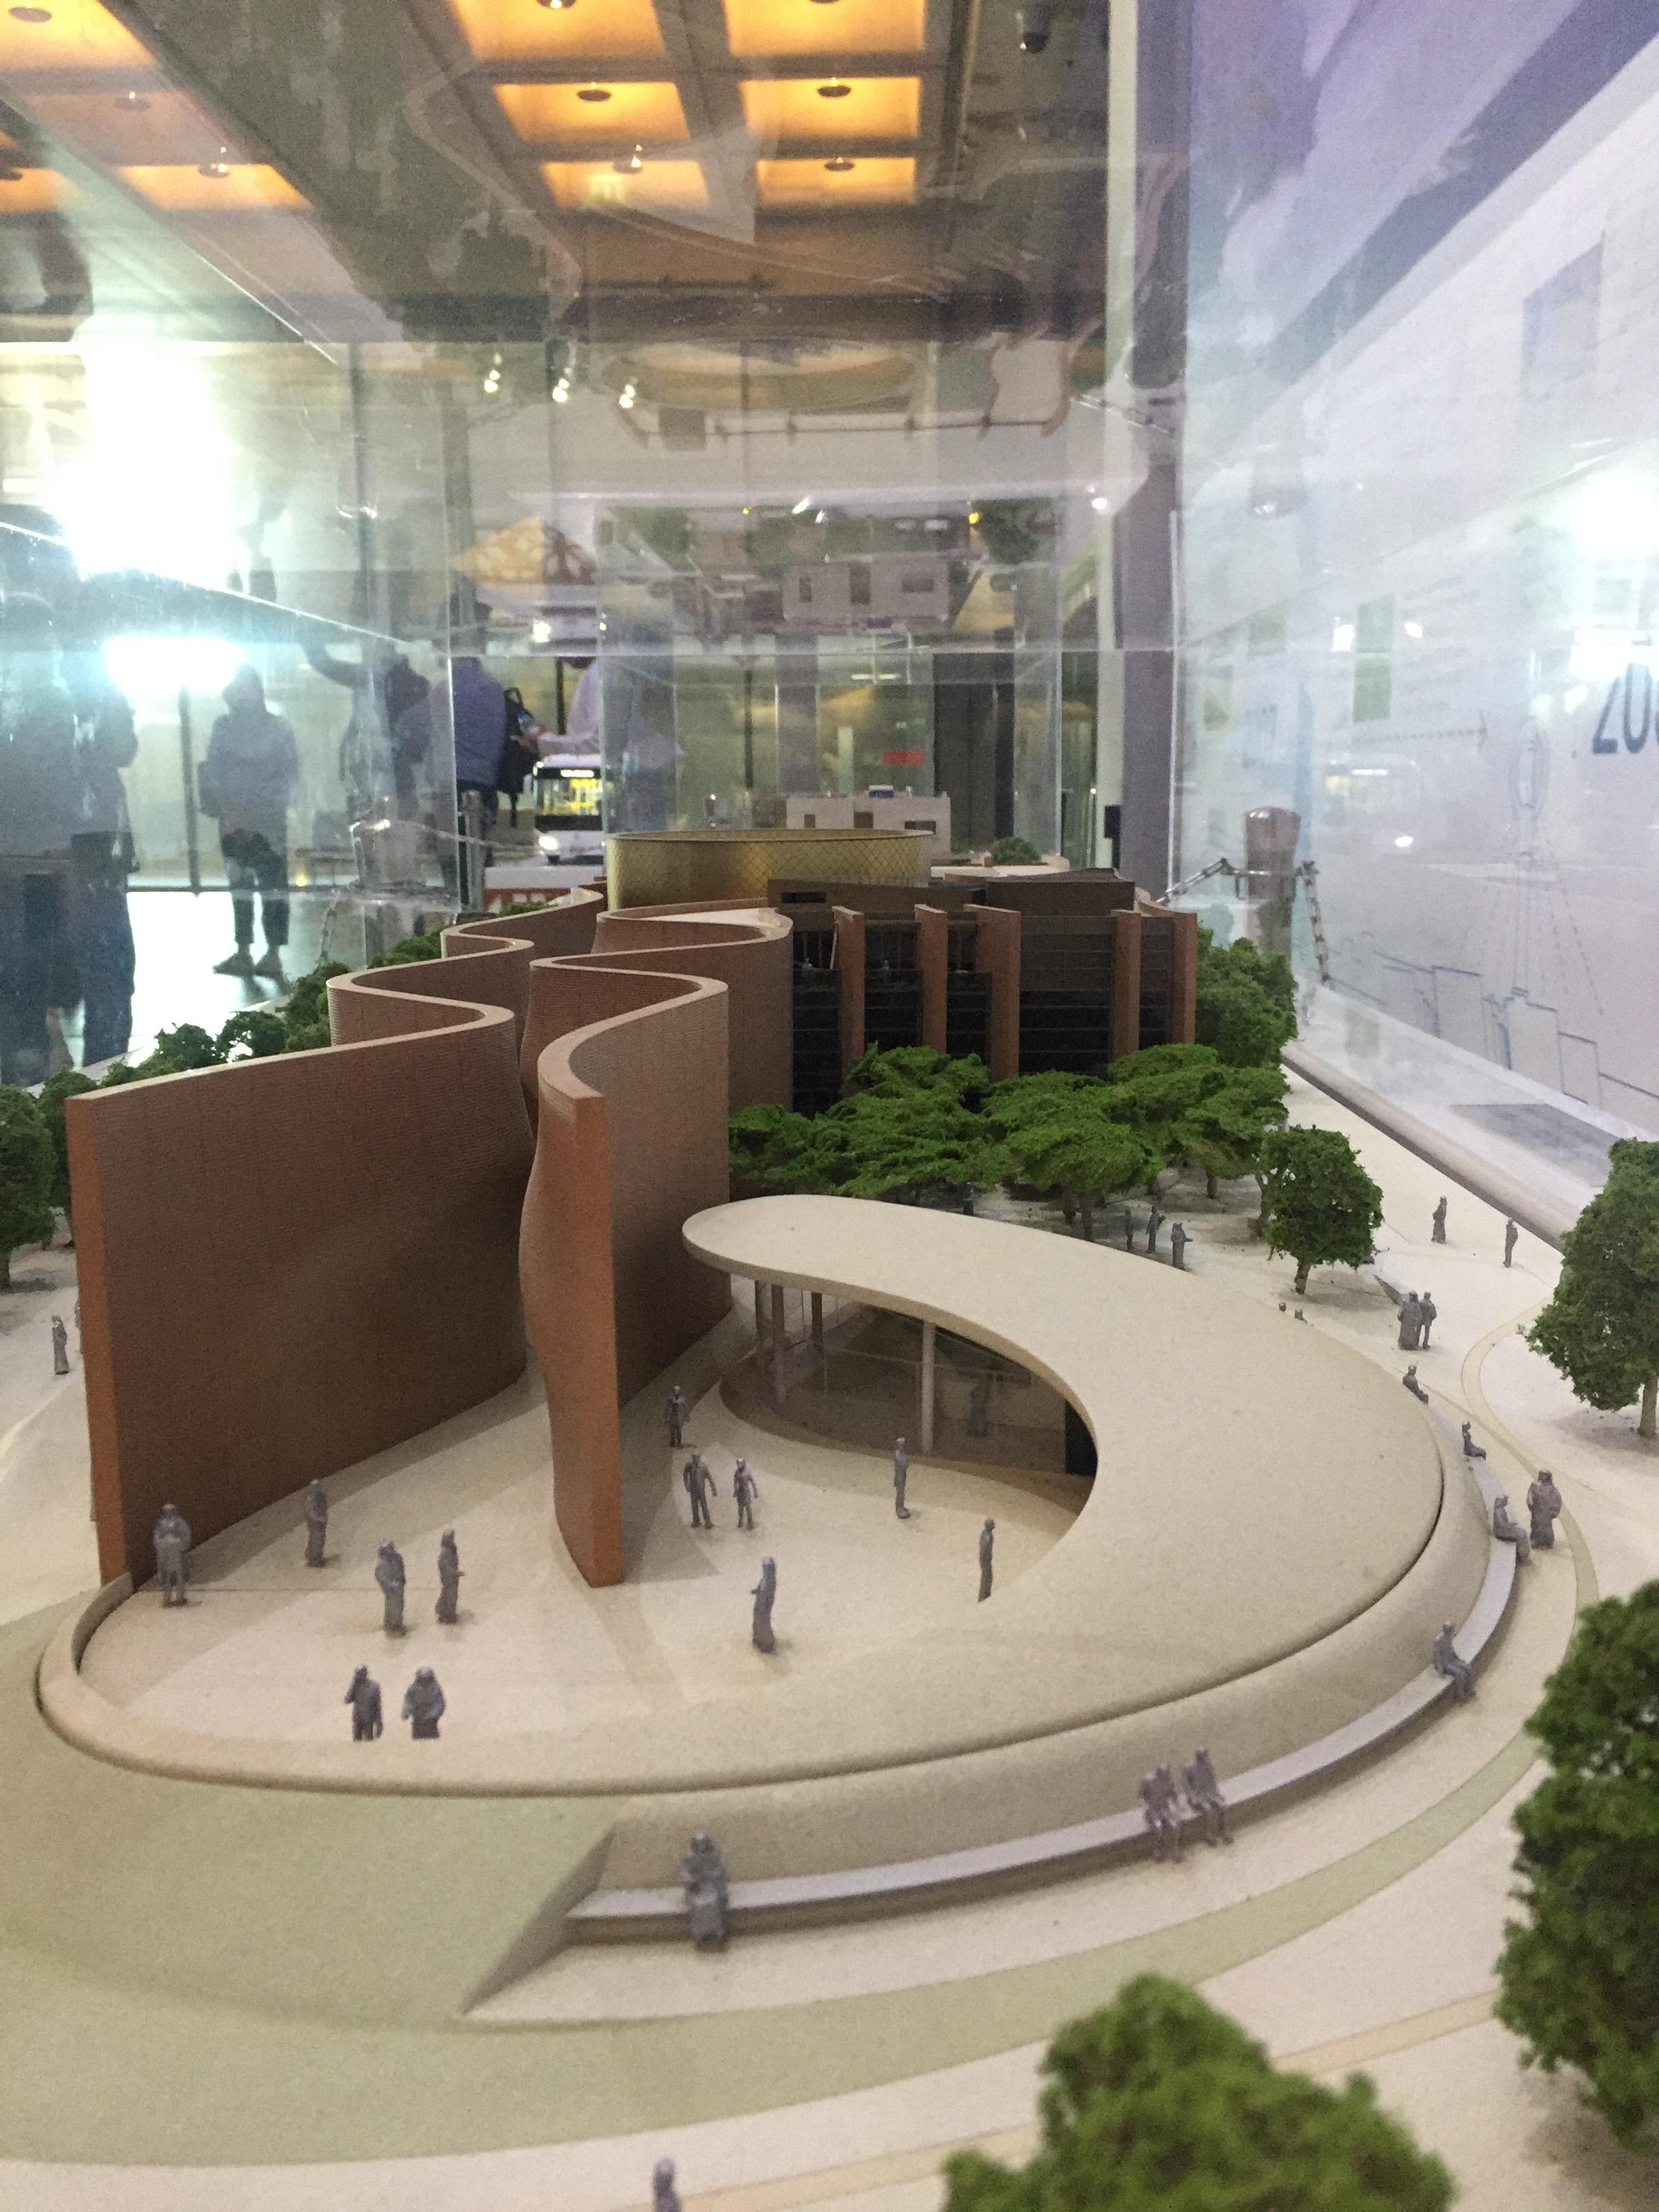 ماكيت لمباني يتم إنشائها حاليا ذاتية الطاقة  (3)